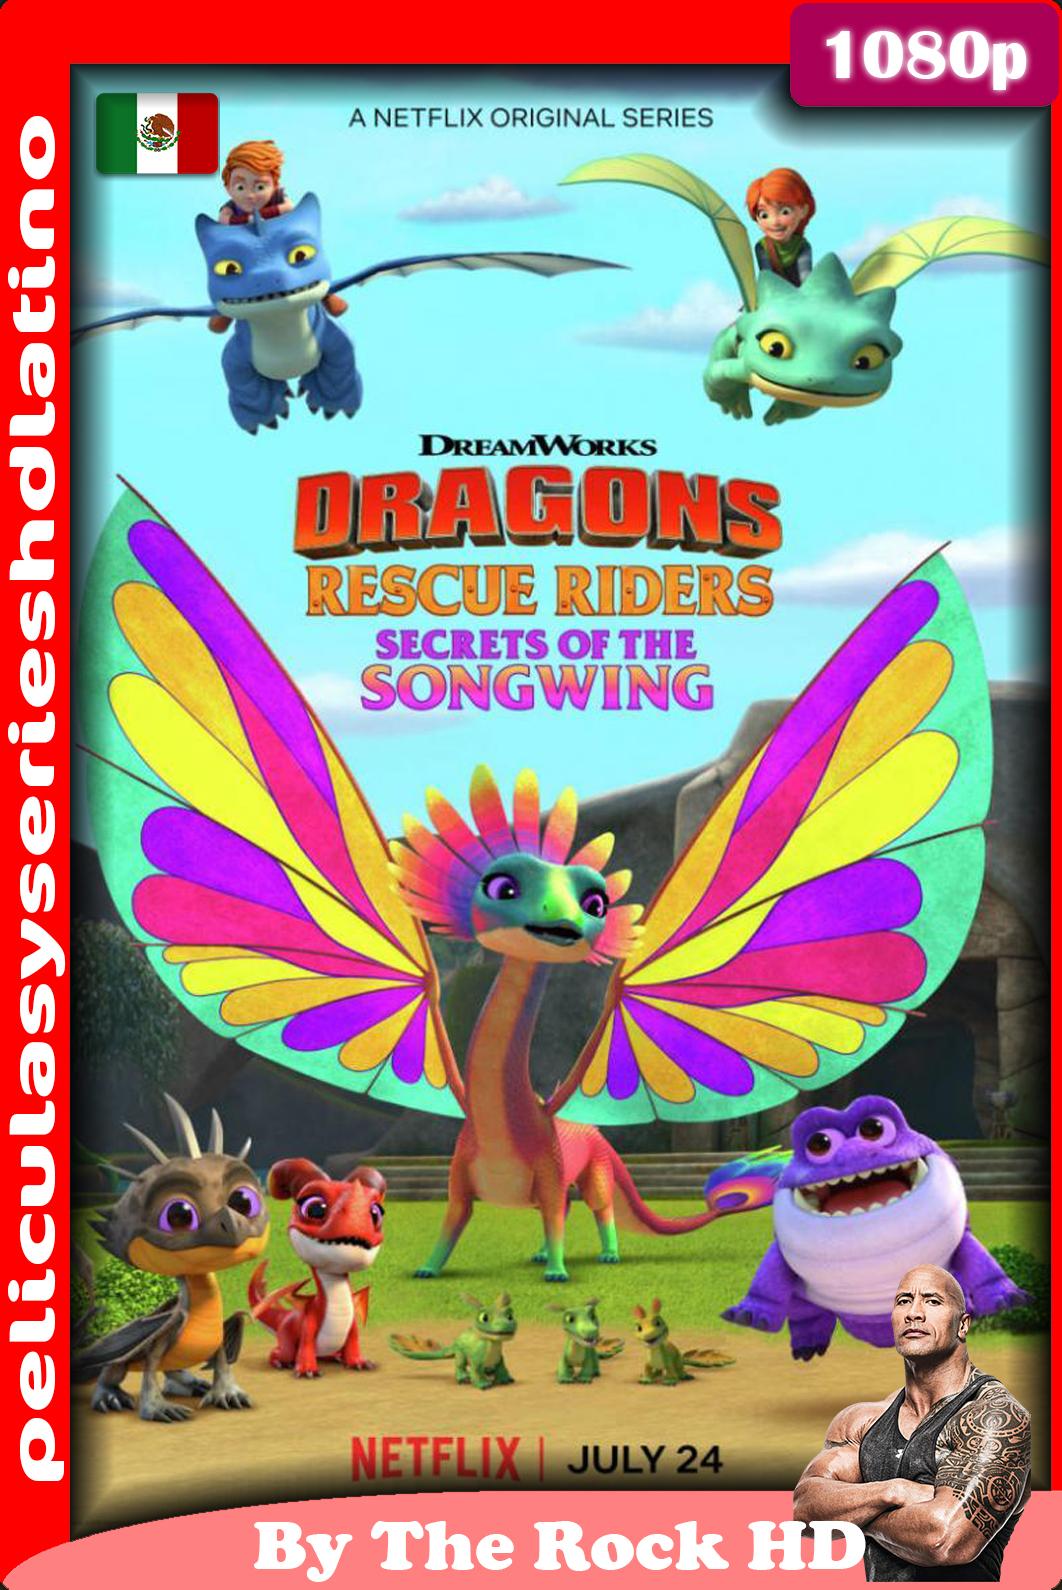 Dragones al rescate: el secreto del ala cantarina, (2020)[1080p] [Latino] [Google Drive]